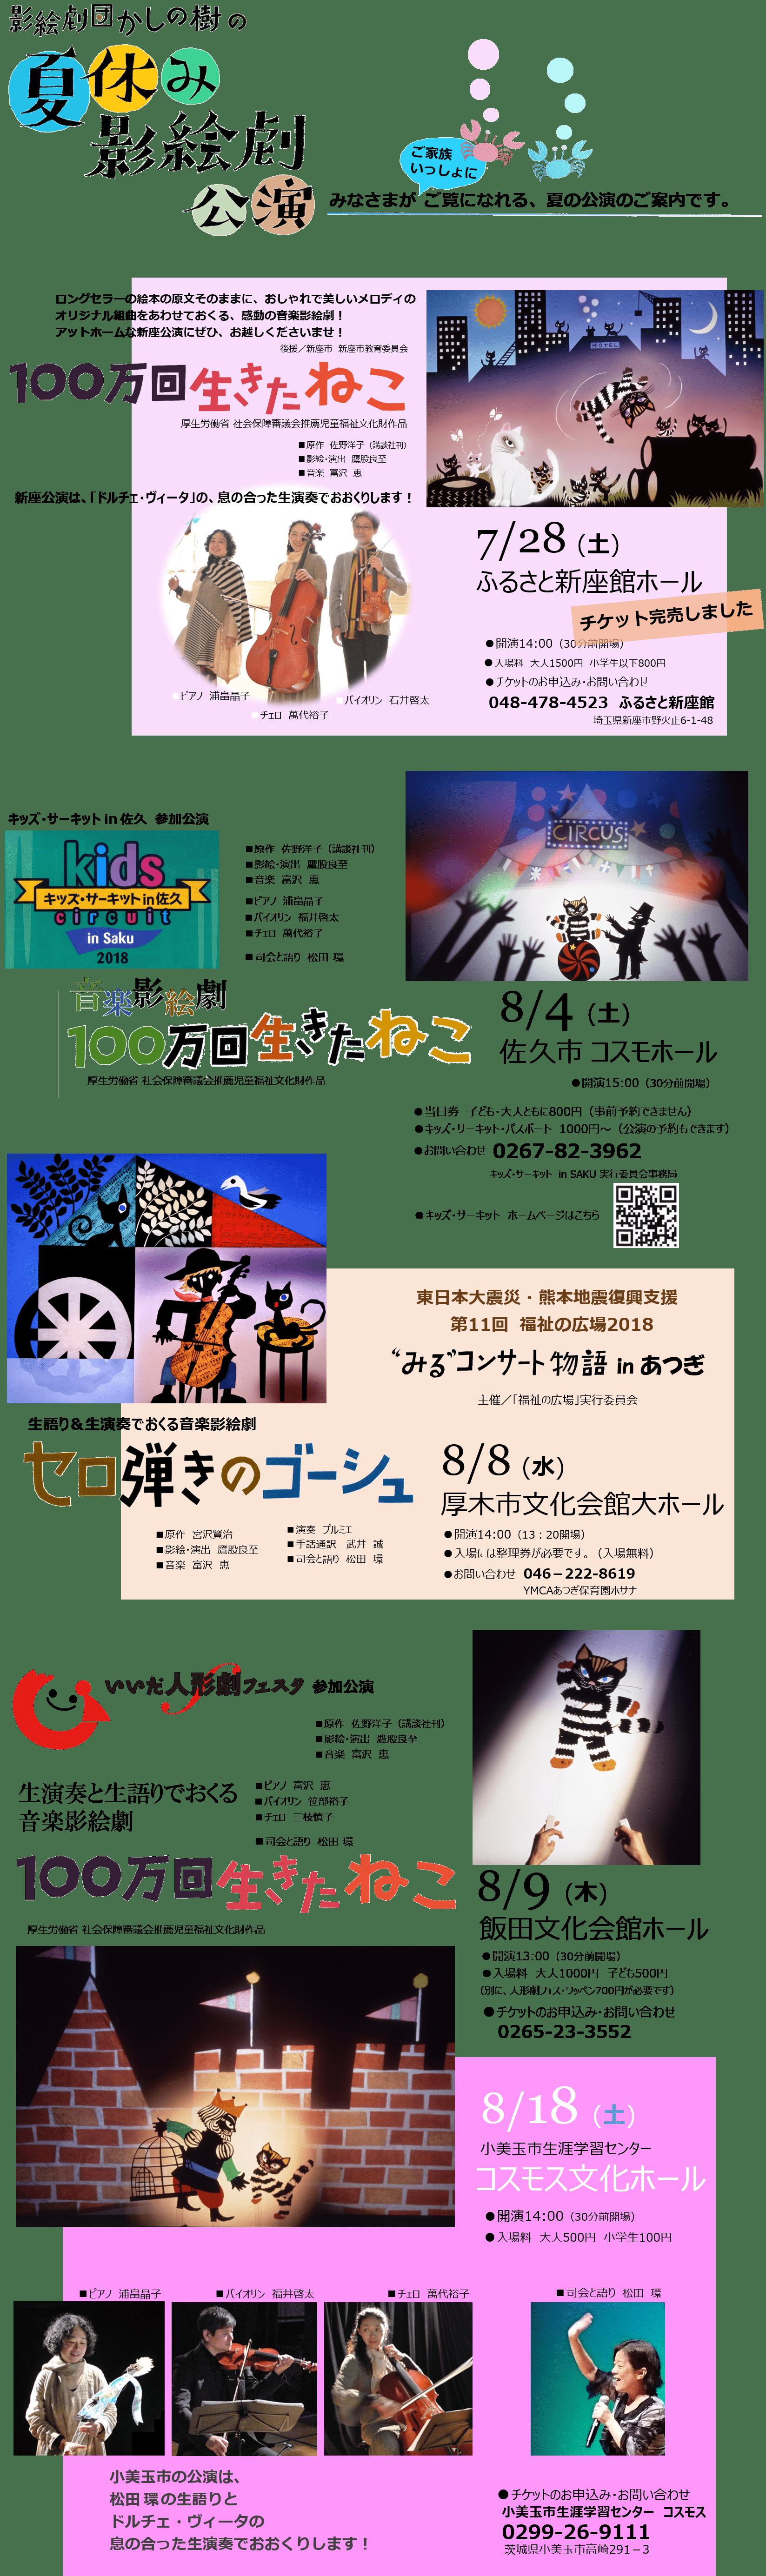 2018 影絵劇団かしの樹 夏休み公演 ご案内 4 -min